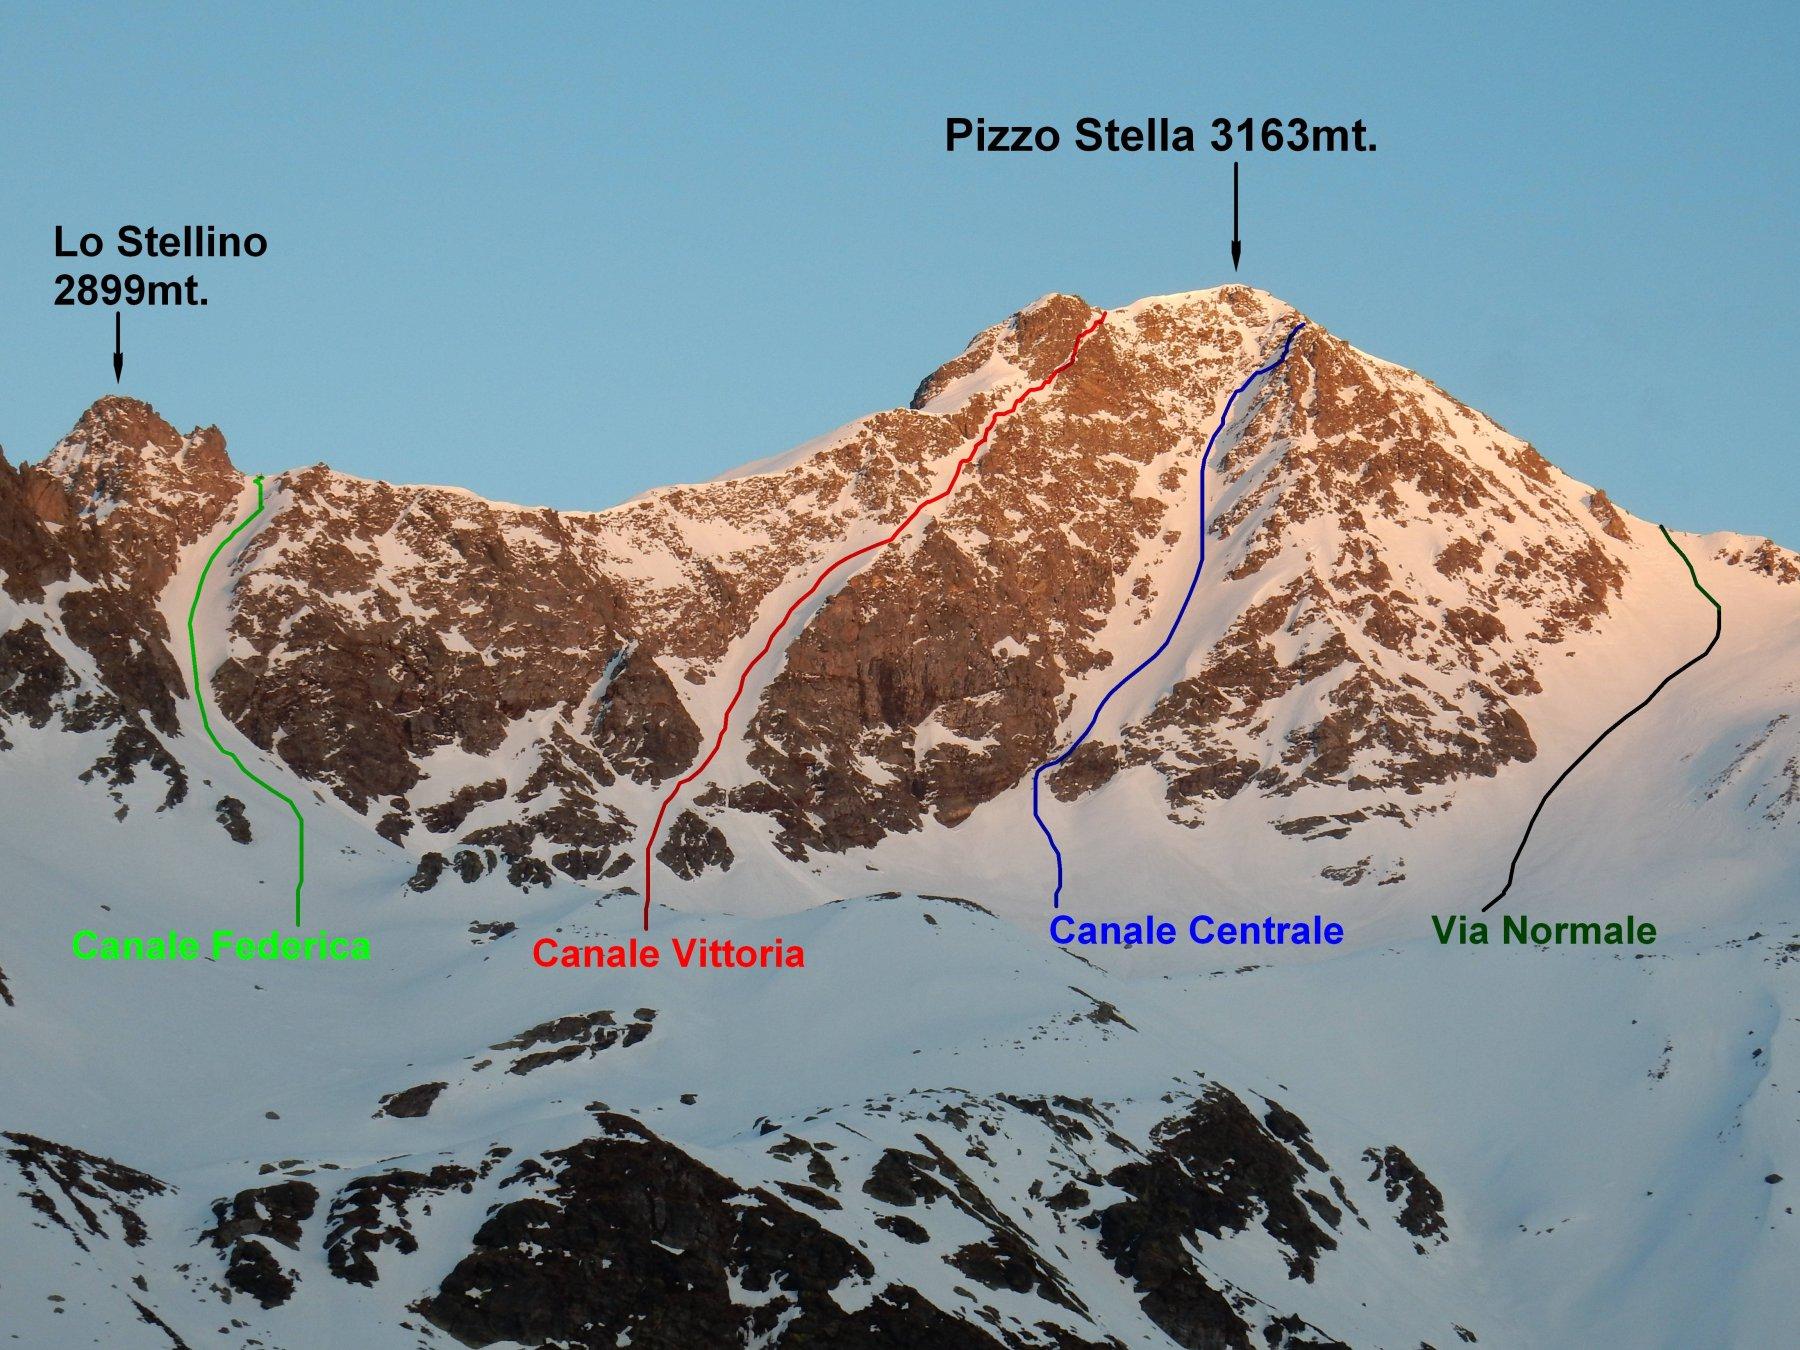 Zoomata sulle vie di salita del Pizzo Stella 3163mt.